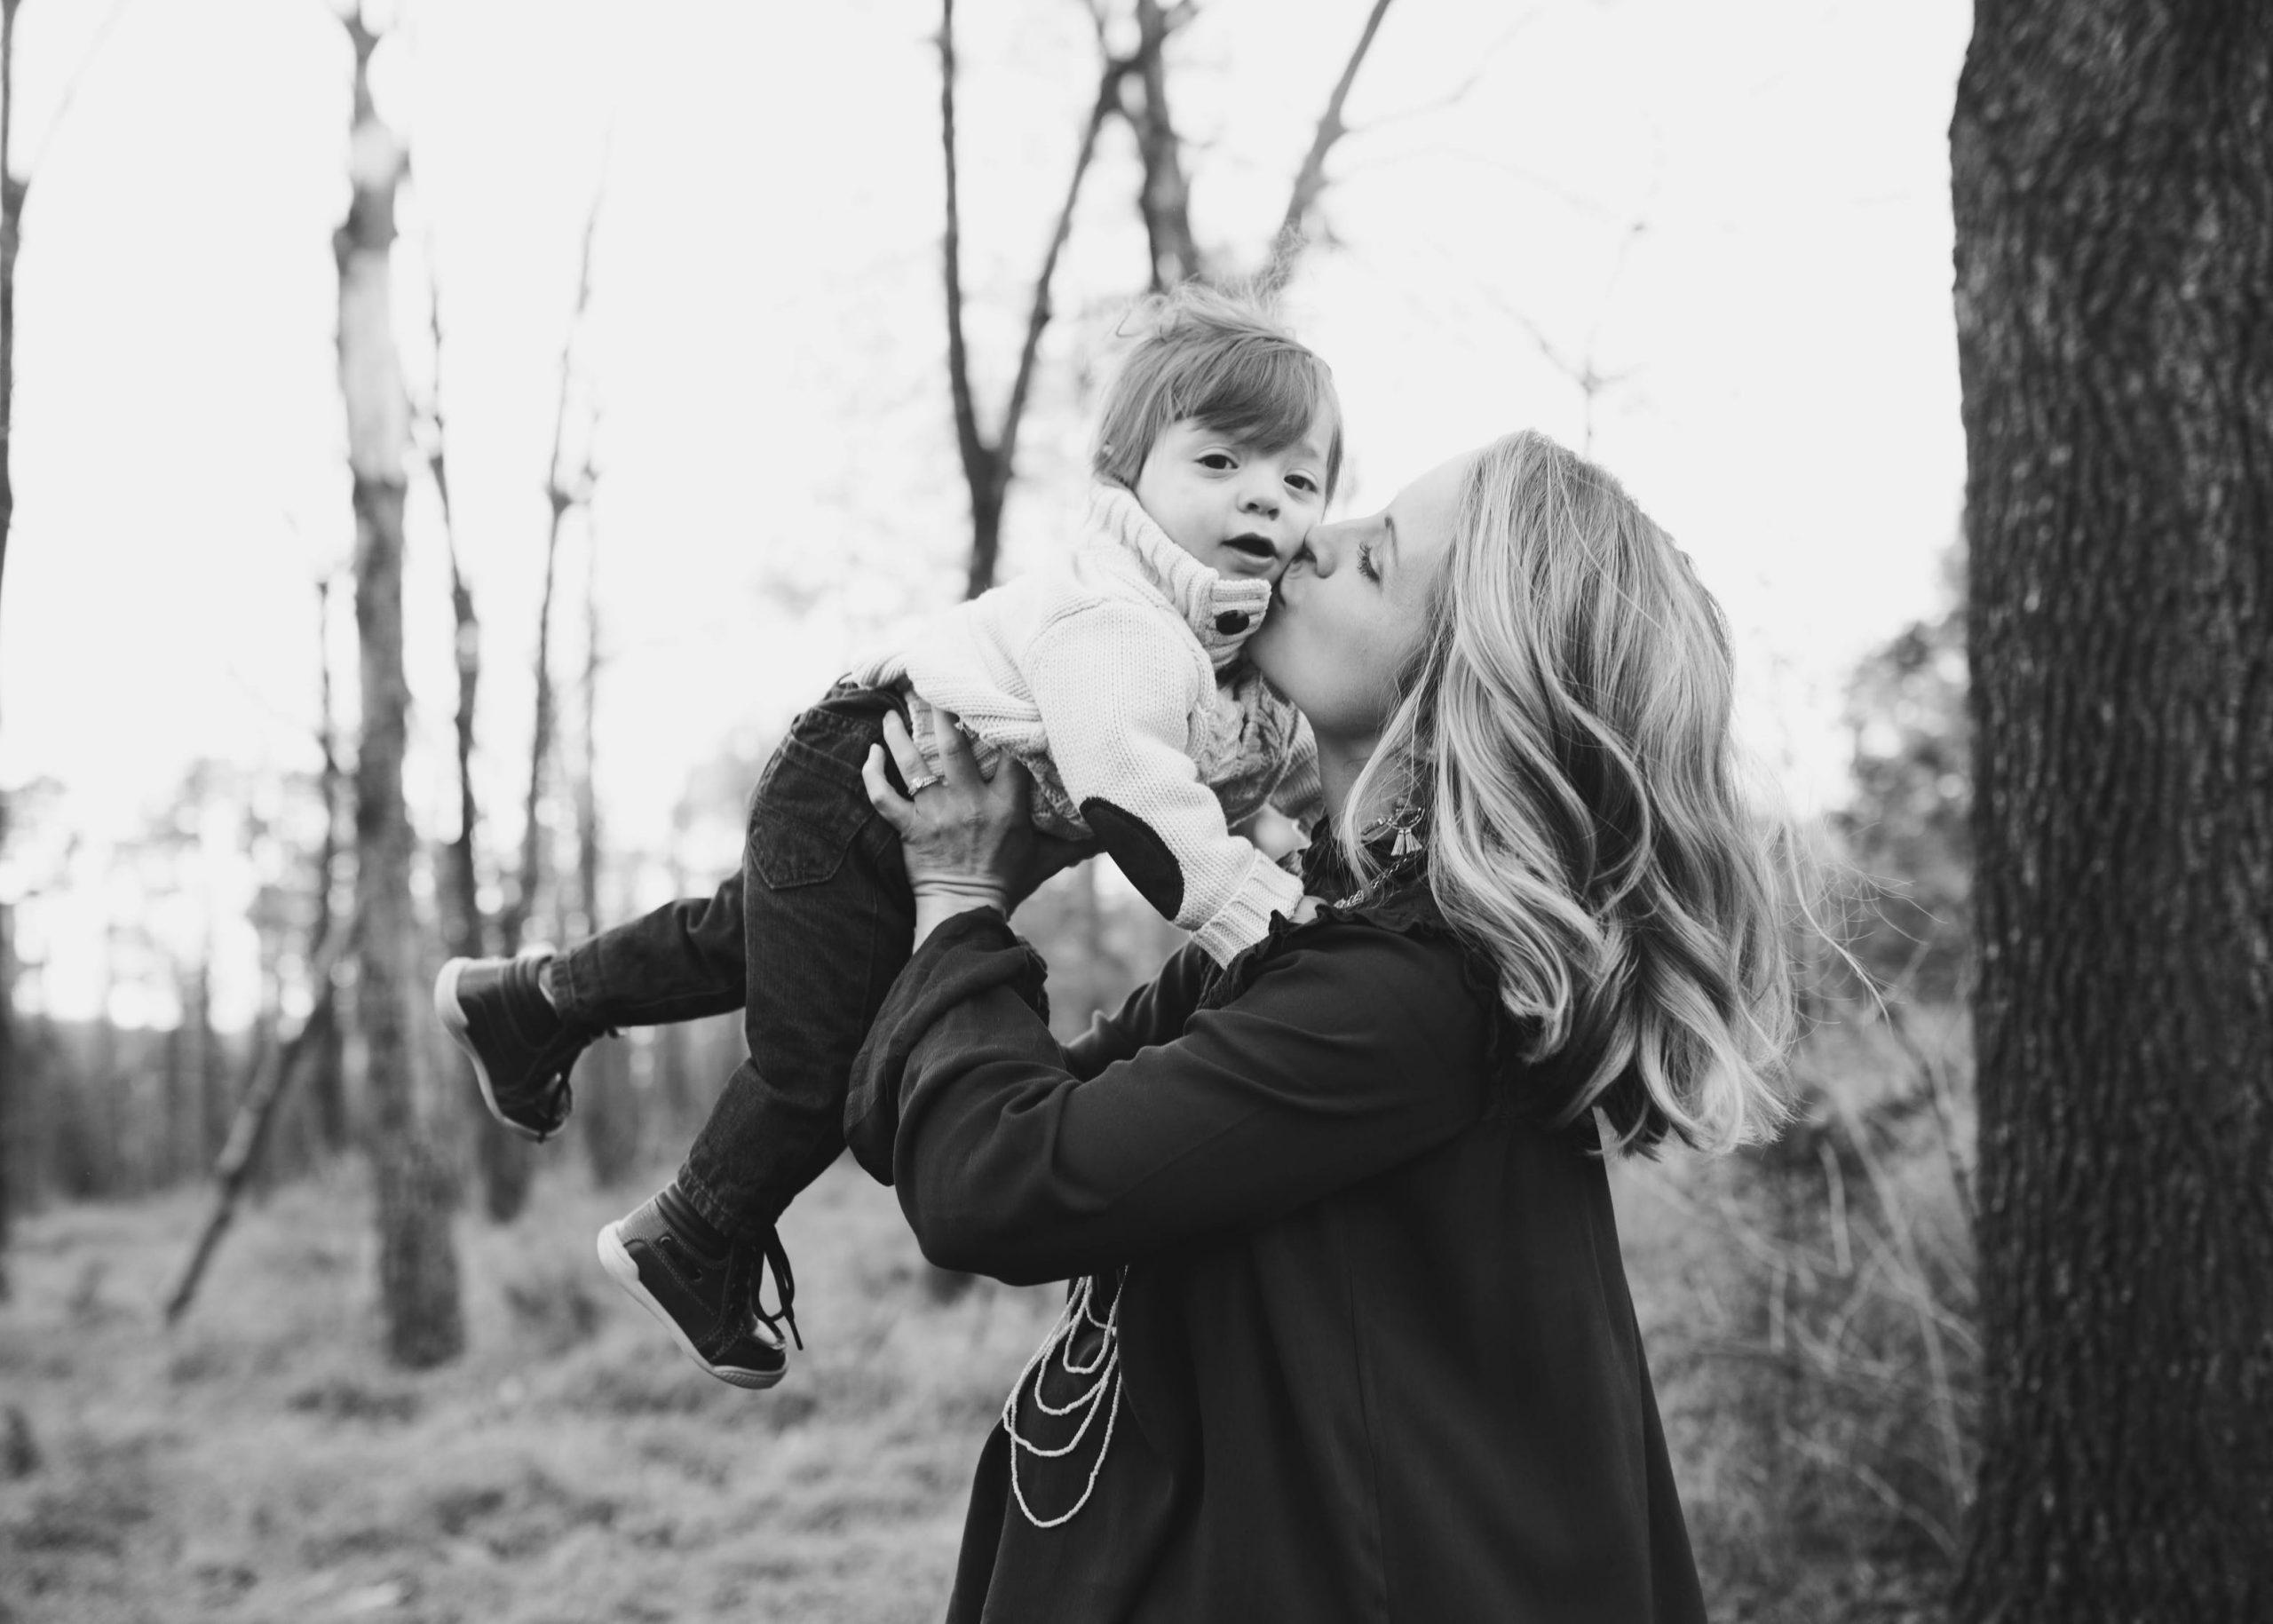 Moj sin je usvojen i da, ja sam njegova prava majka